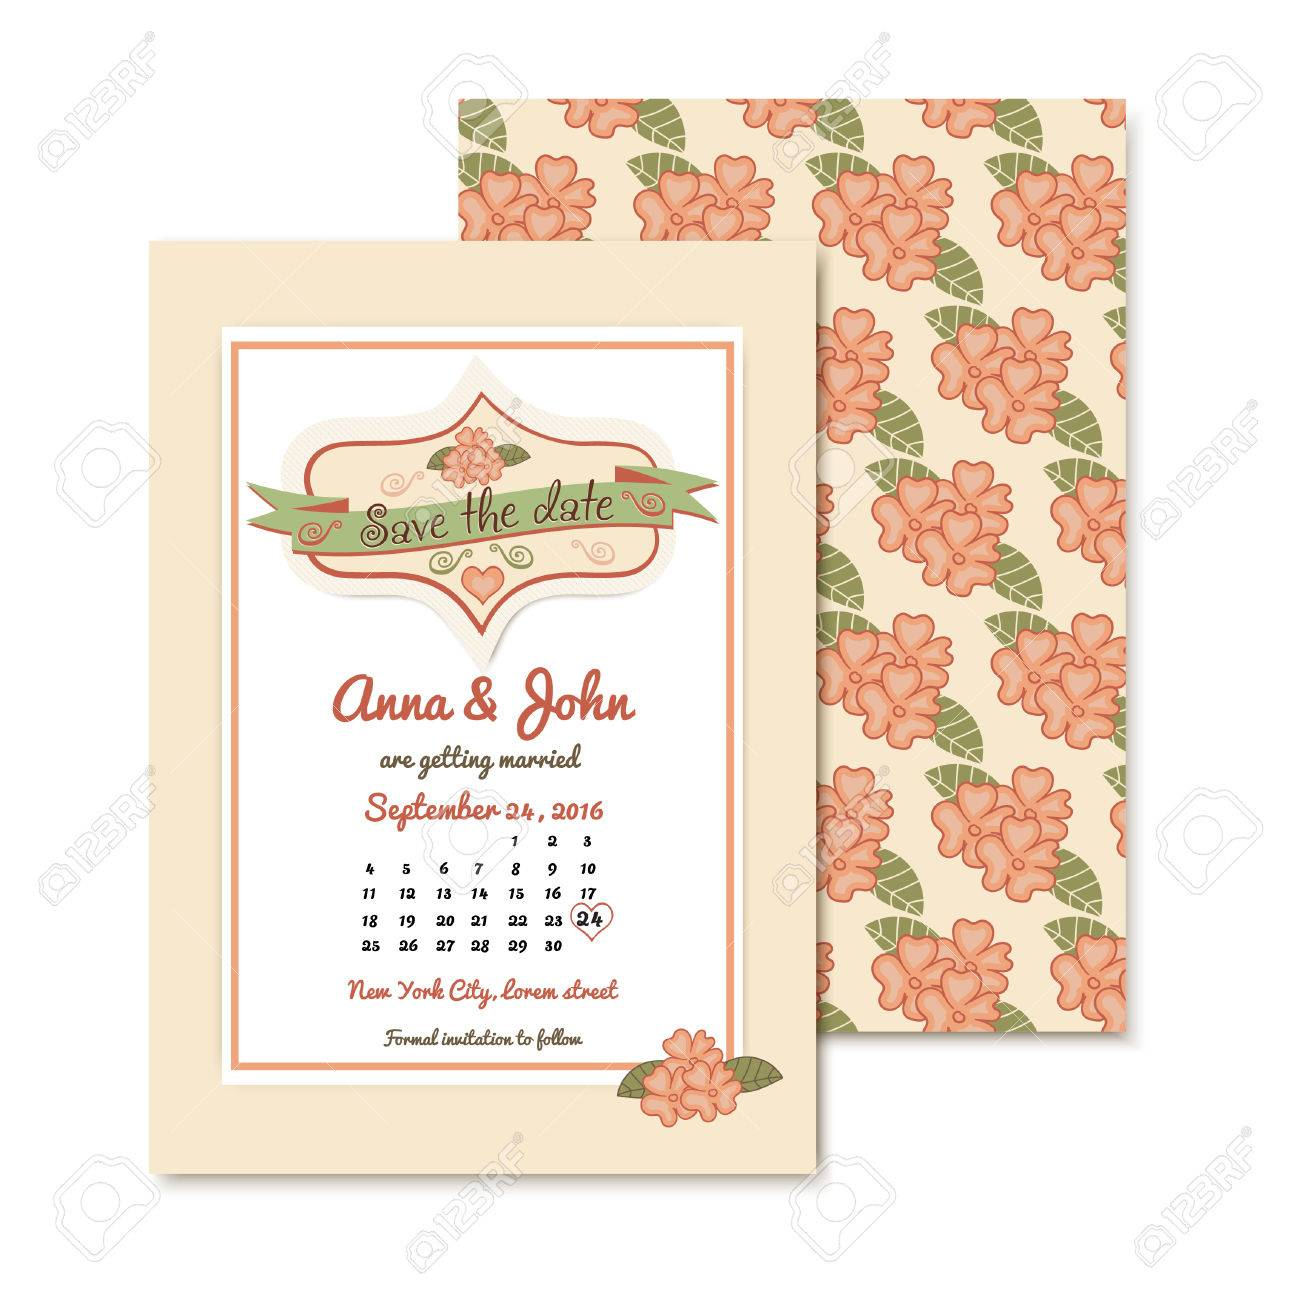 Vintage Hochzeit Einladung Vorlage Mit Blumenmuster Hochzeit Vektor